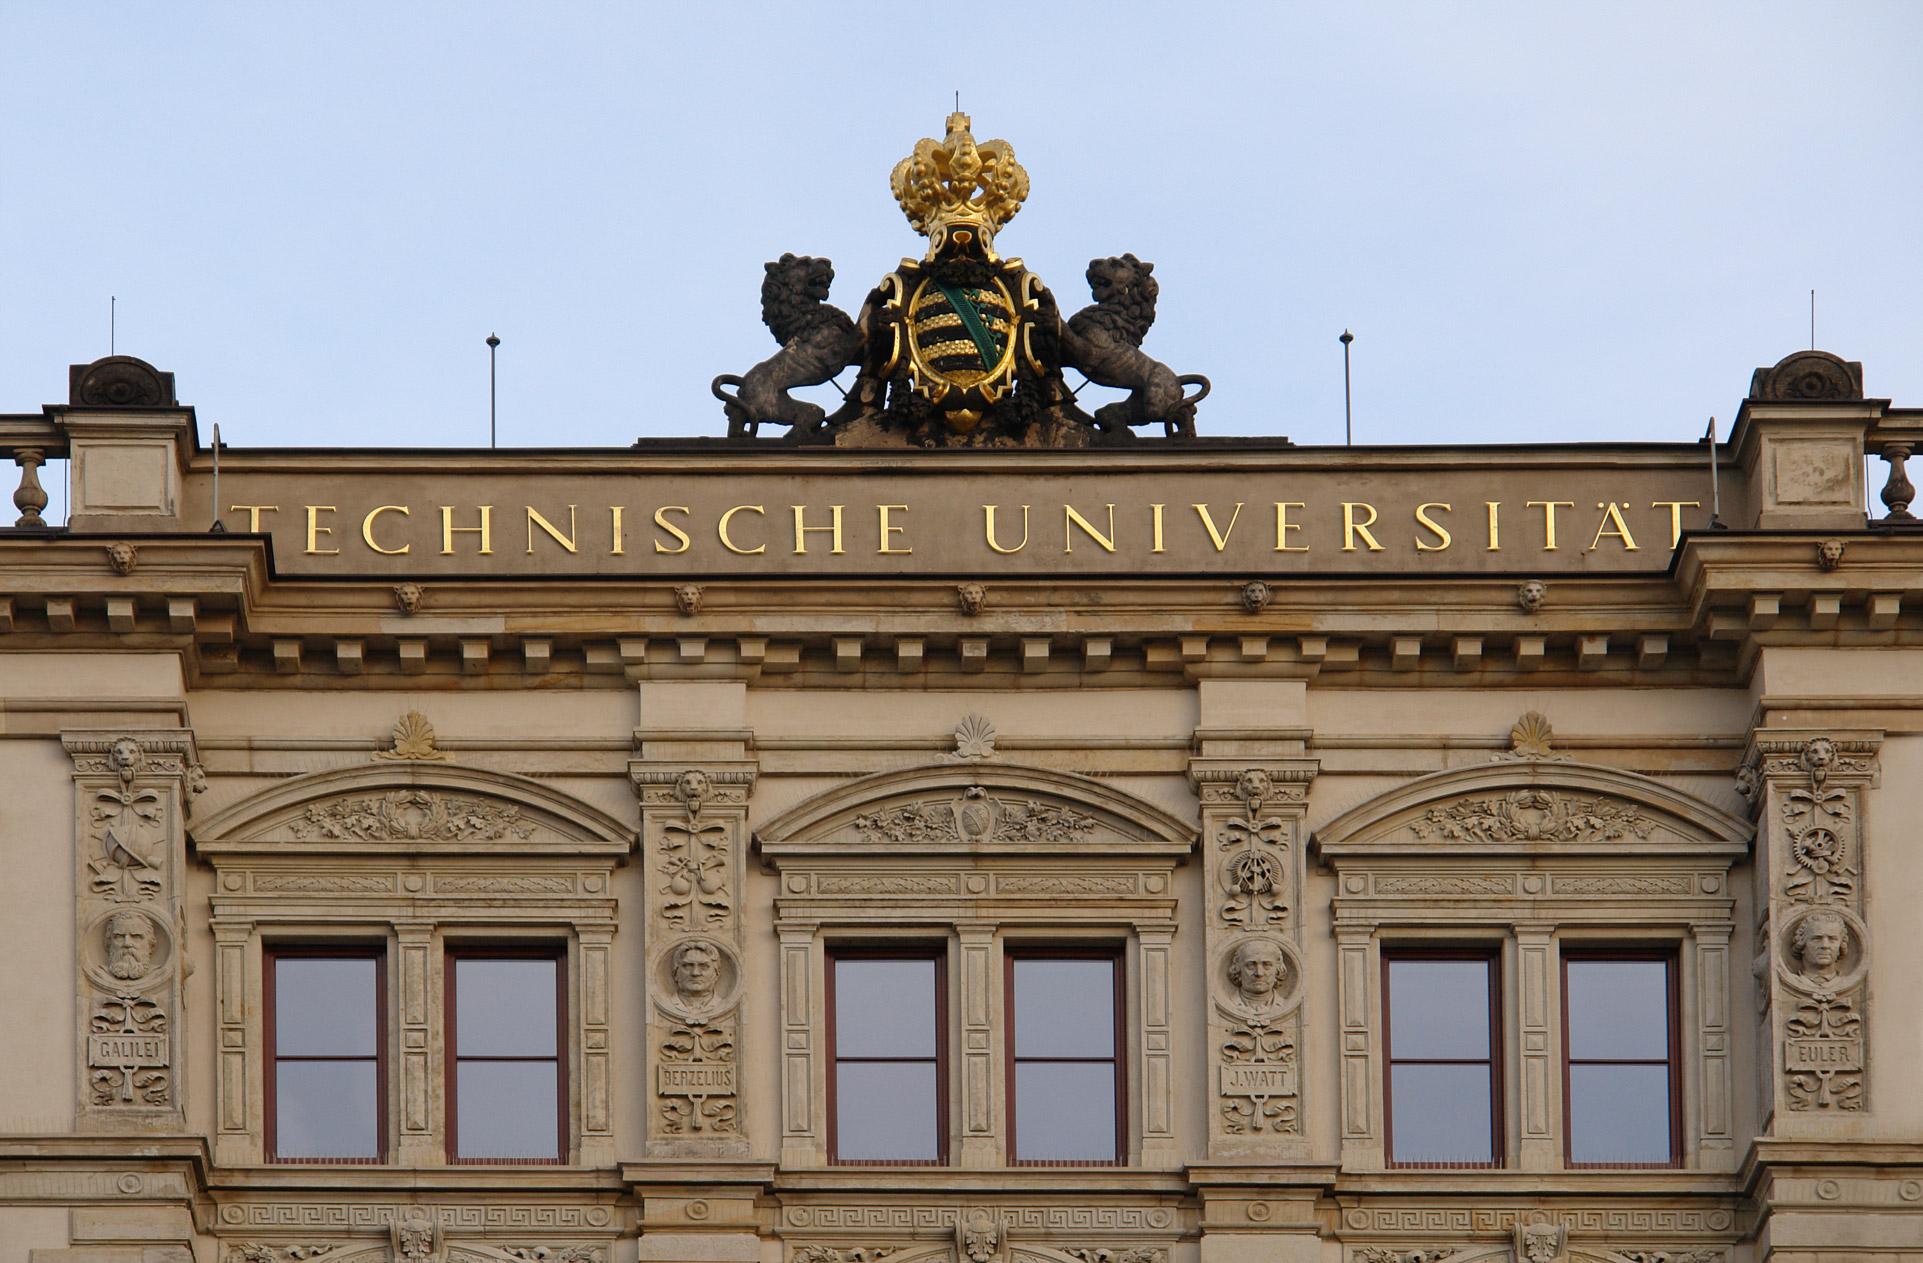 Koalition begrüßt Grundgesetzänderung zur engeren Kooperation von Bund und Ländern in der Wissenschaftsförderung